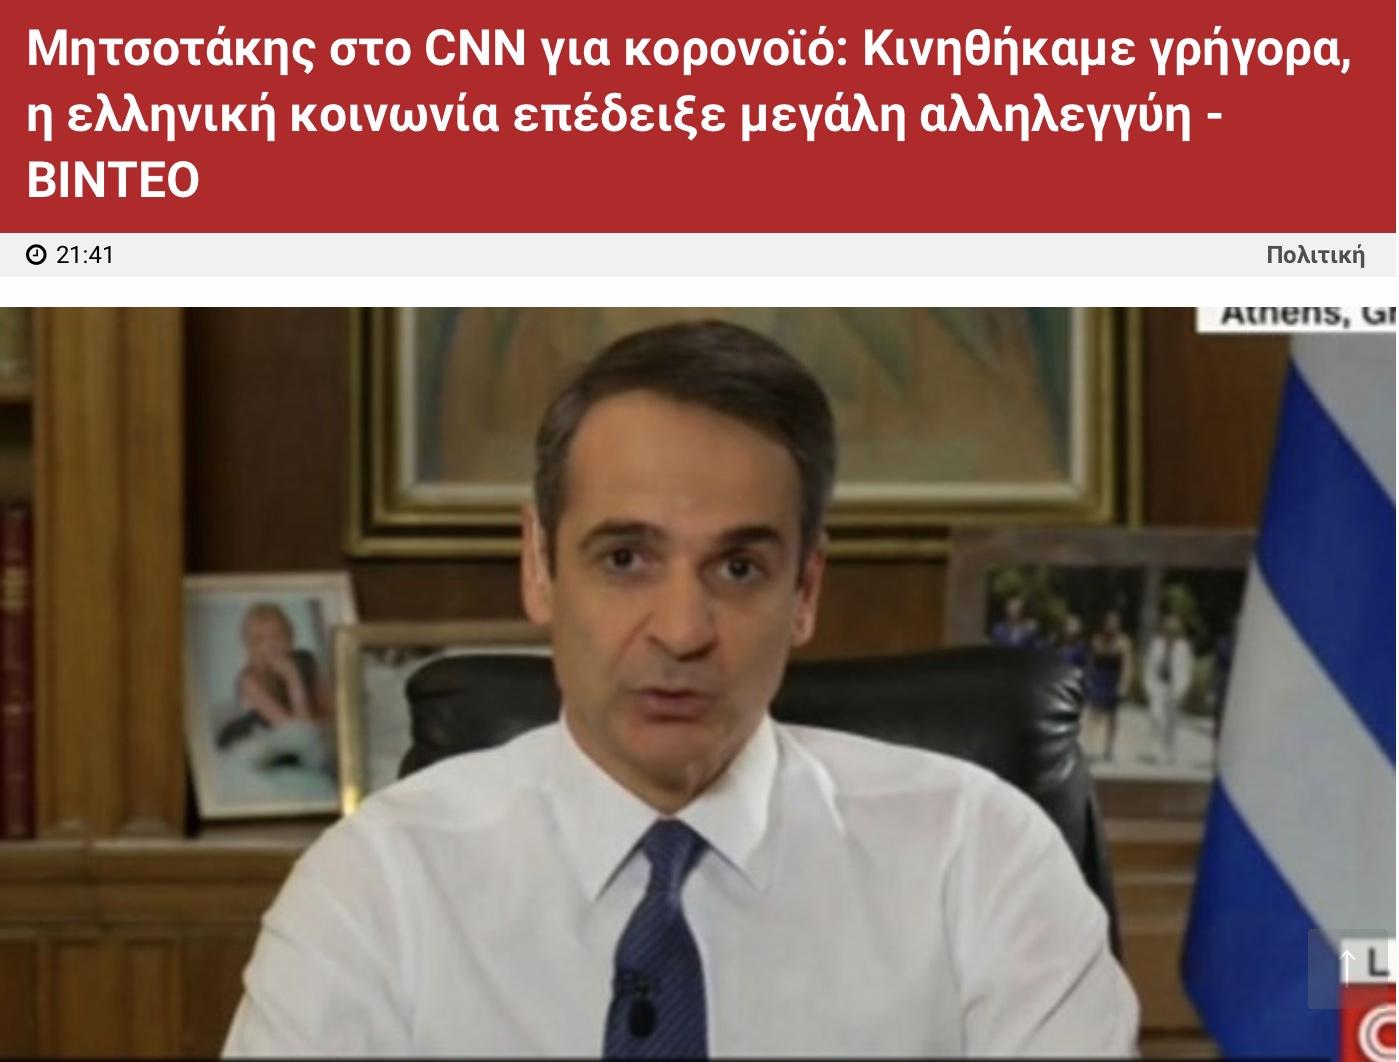 Αφού η ελληνική κοινωνία επέδειξε μεγάλη αλληλεγγύη τότε γιατί απειλούν τον κόσμο με νέα αυστηρότερα μέτρα; ΤΙ ΣΥΜΒΑΙΝΕΙ;